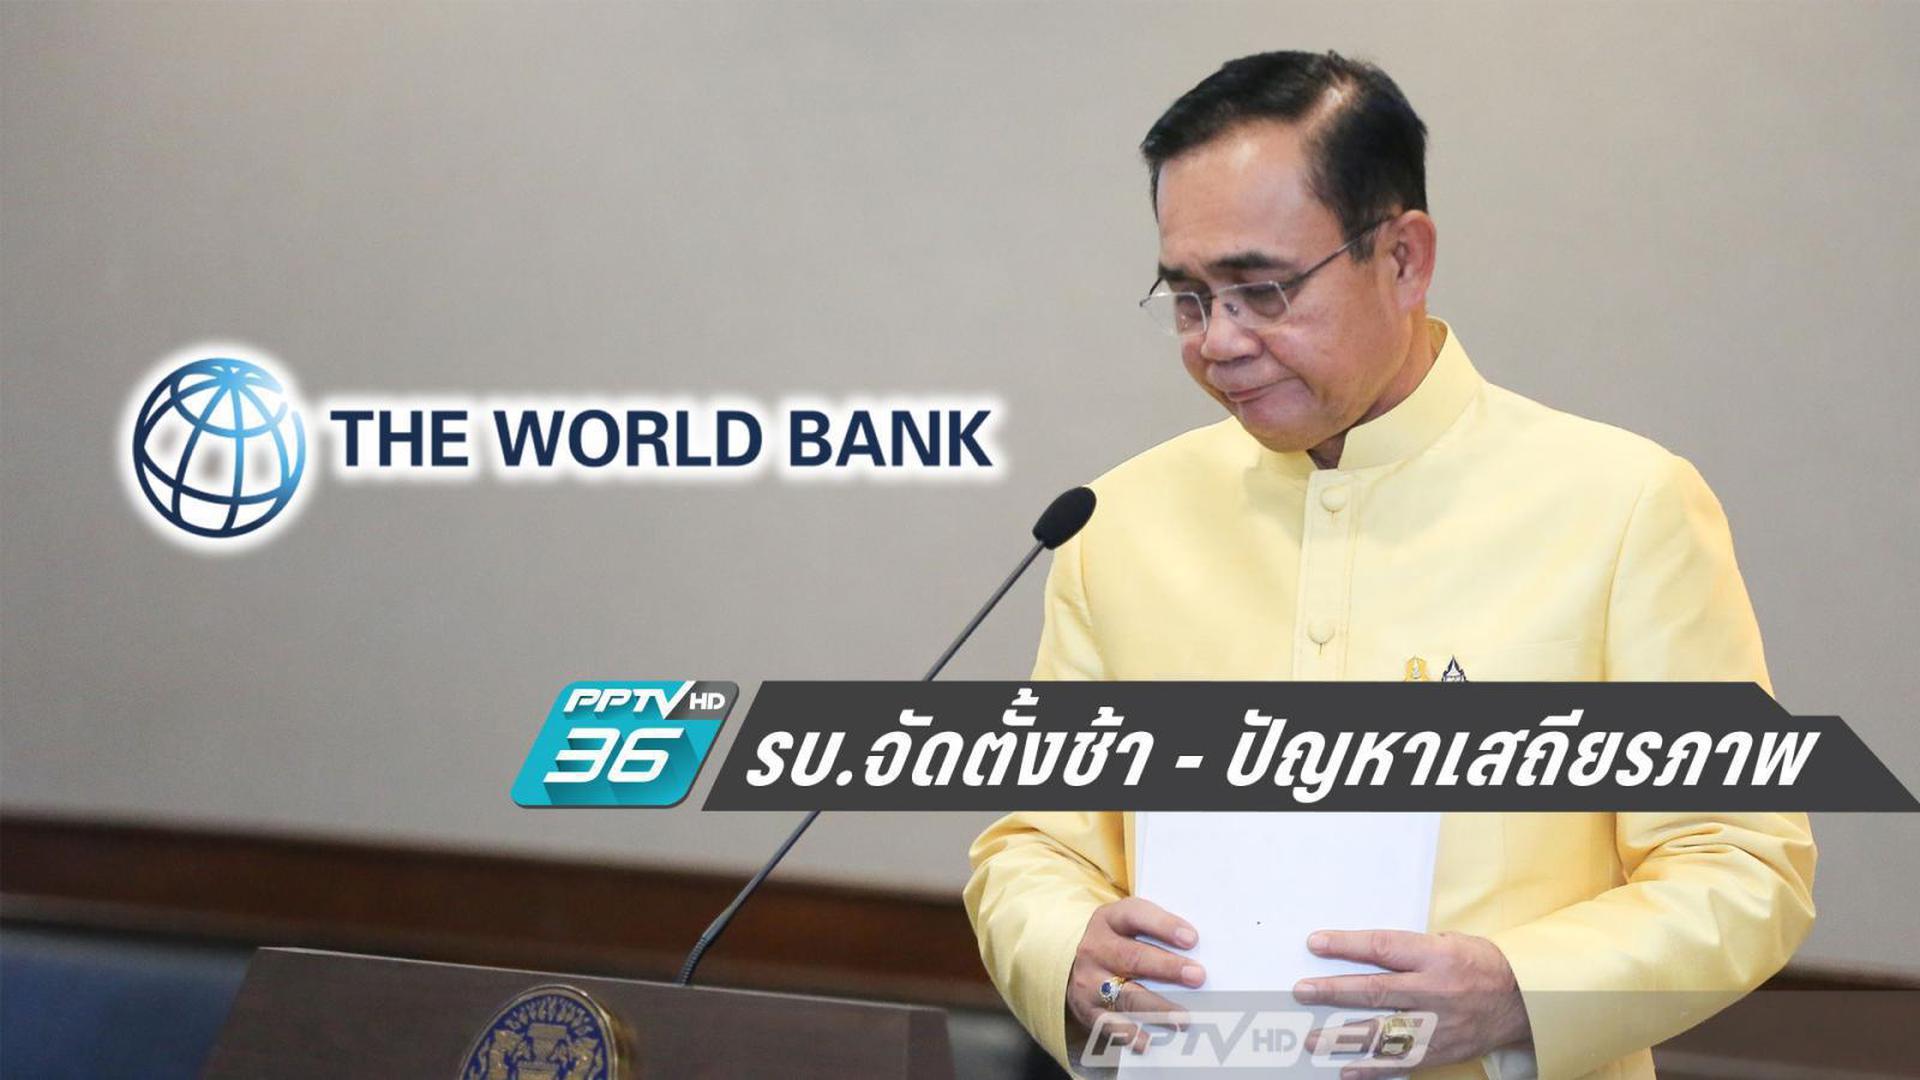 ธนาคารโลก หั่นจีดีพีไทยปีนี้เหลือ 3.5% จาก 3.8% ห่วงรัฐบาลจัดตั้งช้า-ปัญหาเสถียรภาพ